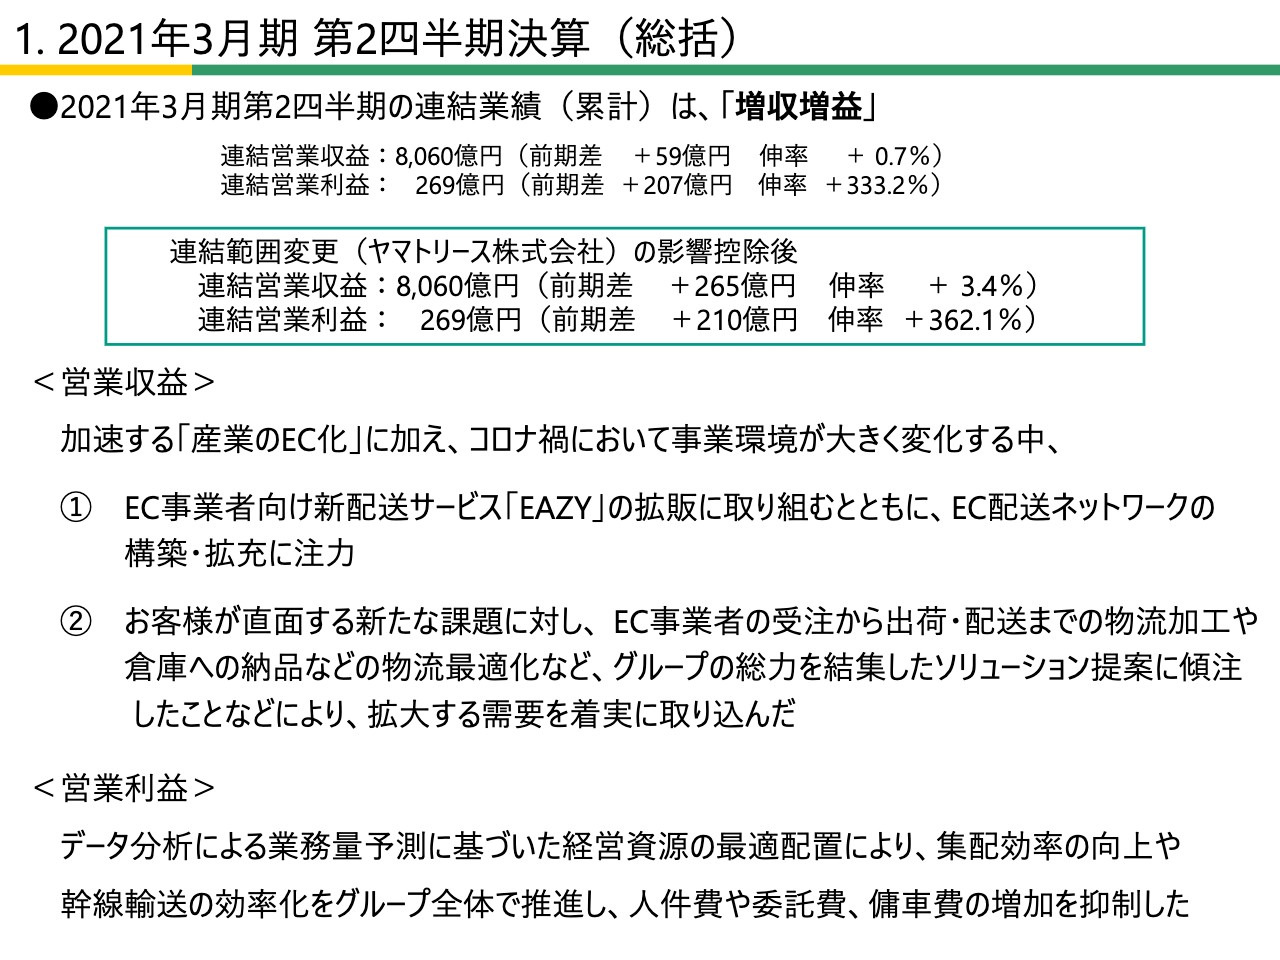 ヤマトHD、2Qは増収増益 ソリューション提案等が結実し連結営業利益は前年比+362.1%と伸長